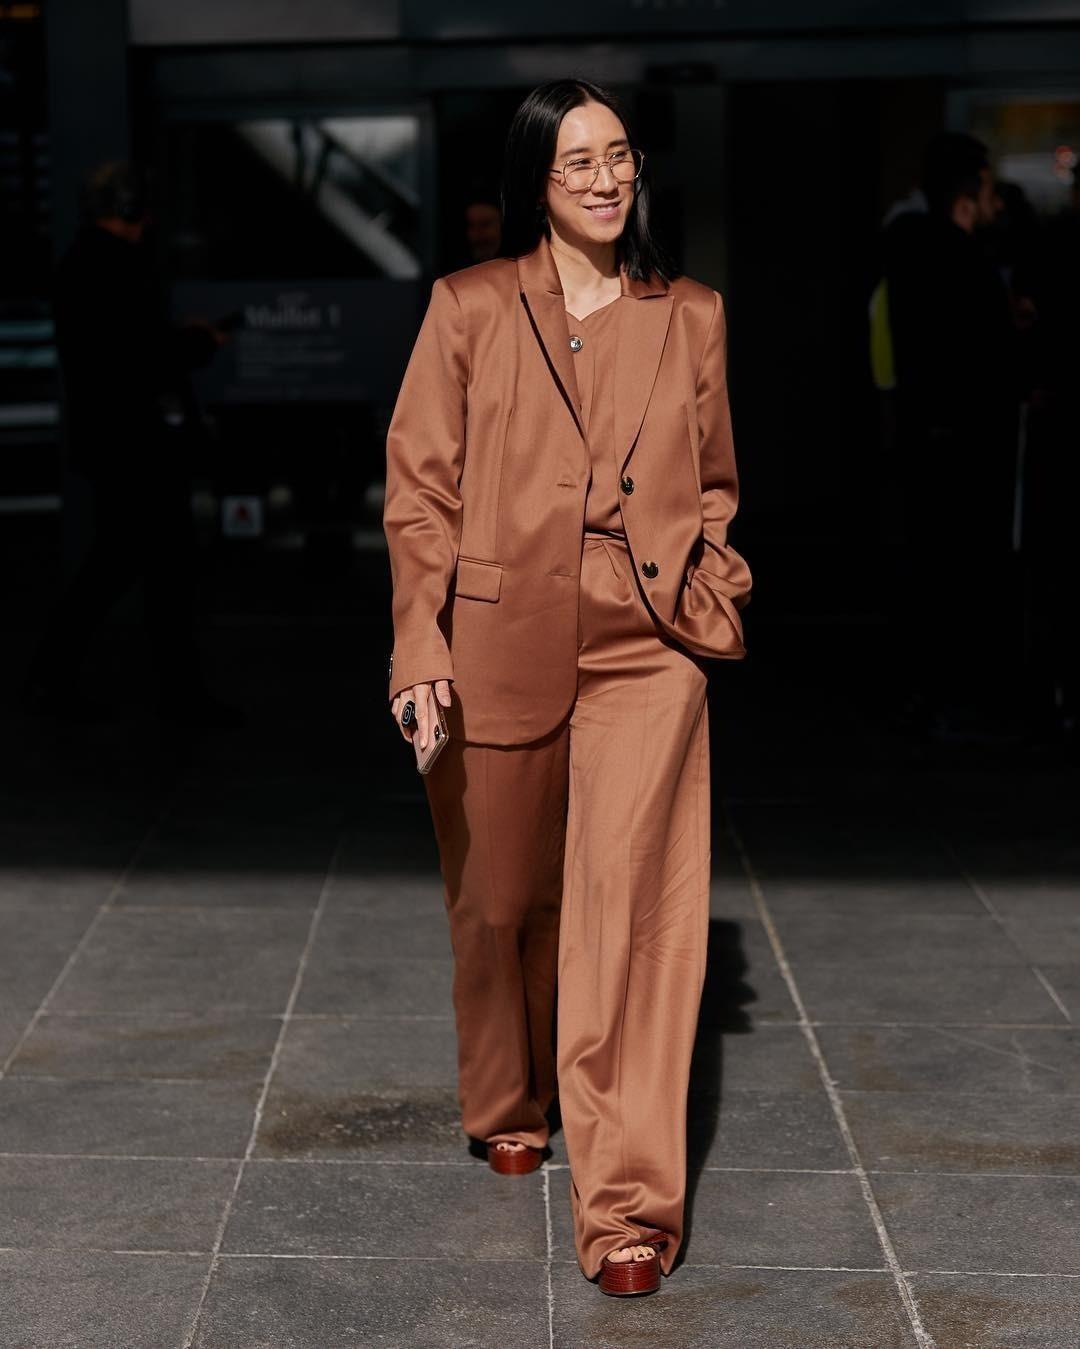 Помимо пиджака можно прихватить еще и брюки, чтобы собрать полноценный oversize костюм. Если ты невысокого роста, то советуем надеть обувь на каблуке или платформе, а если рост позволяет,...